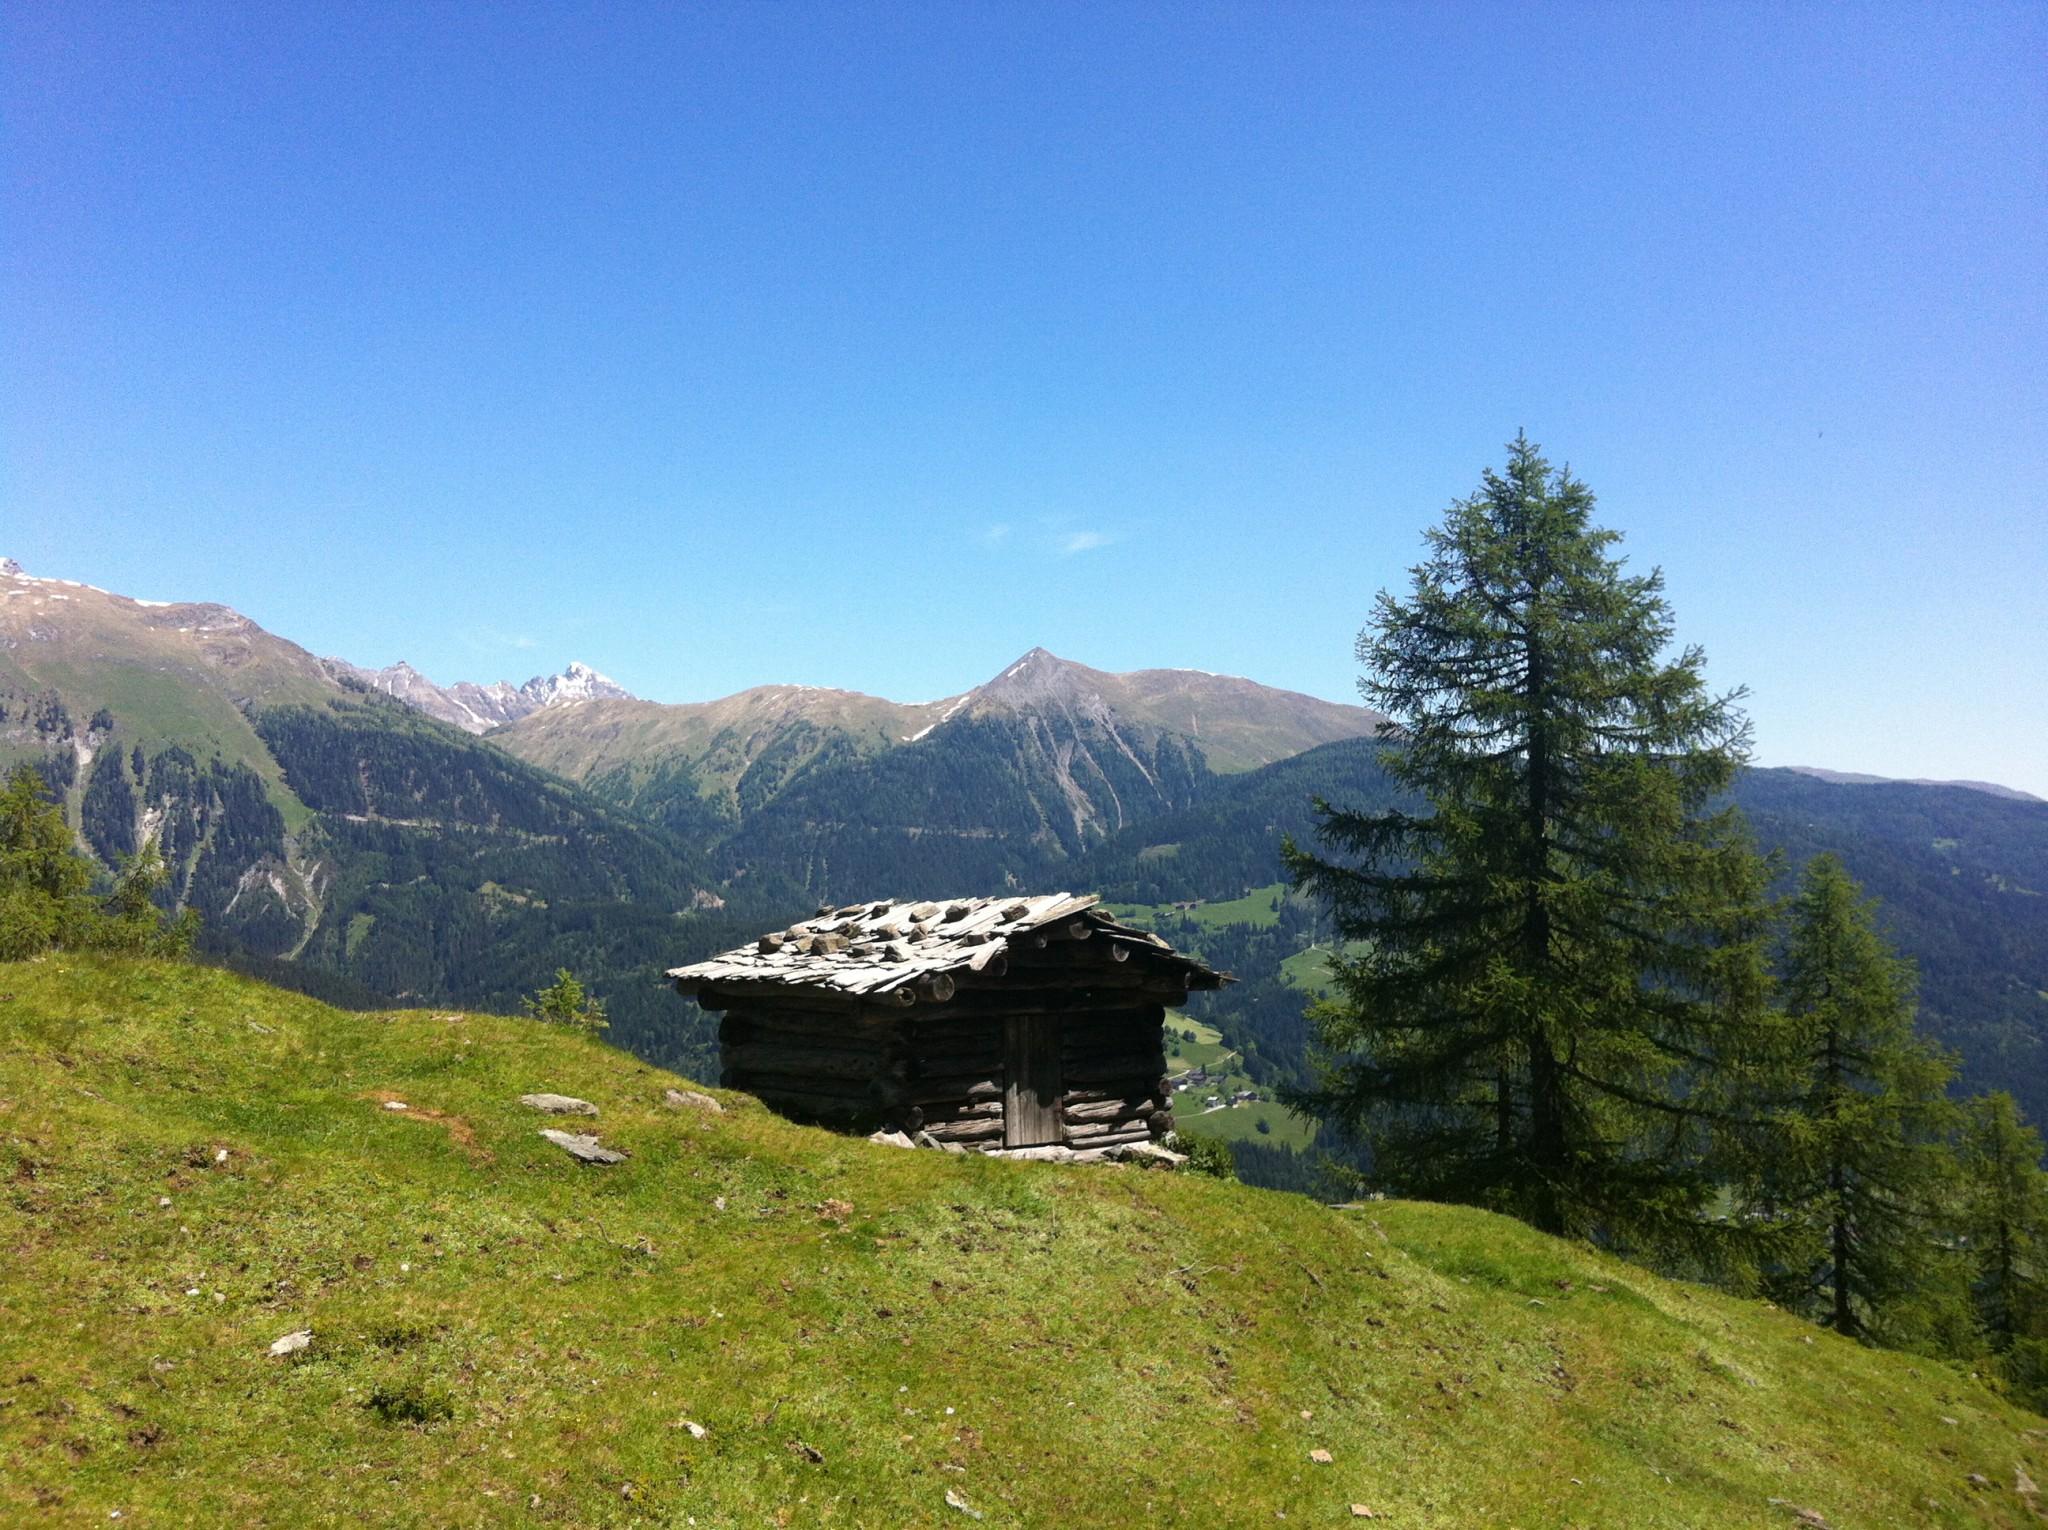 Hütte_am_Gemskofelweg_KarnischeAlpen